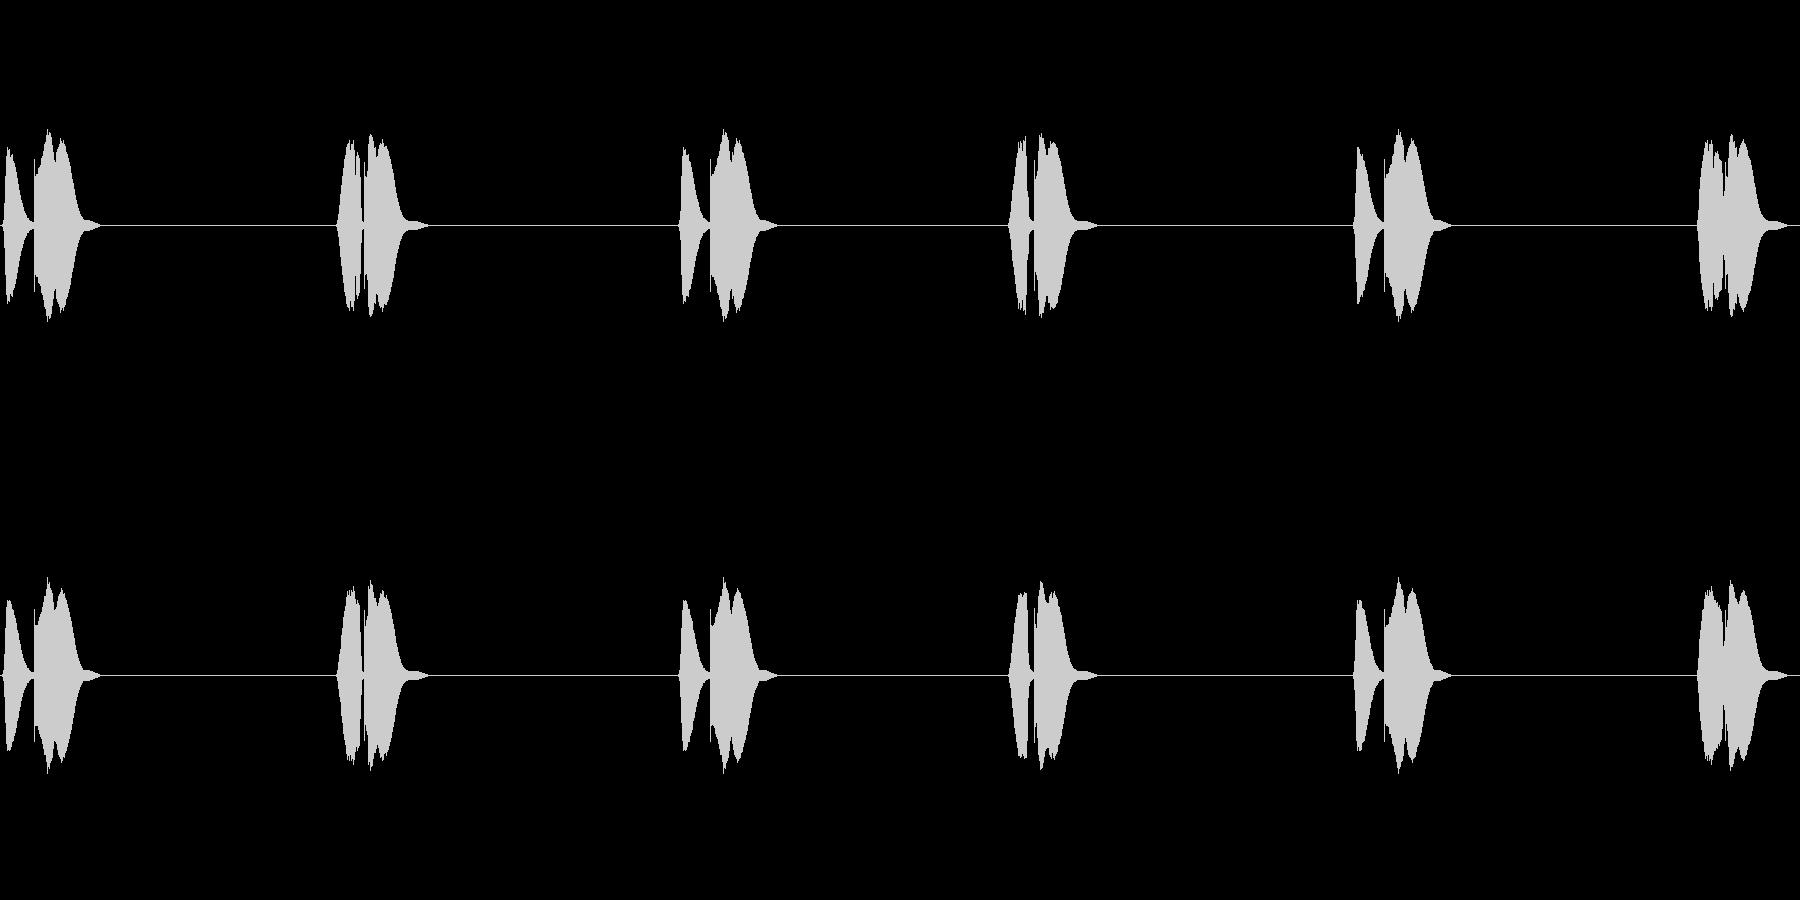 可愛い足音(よちよち歩き)の未再生の波形